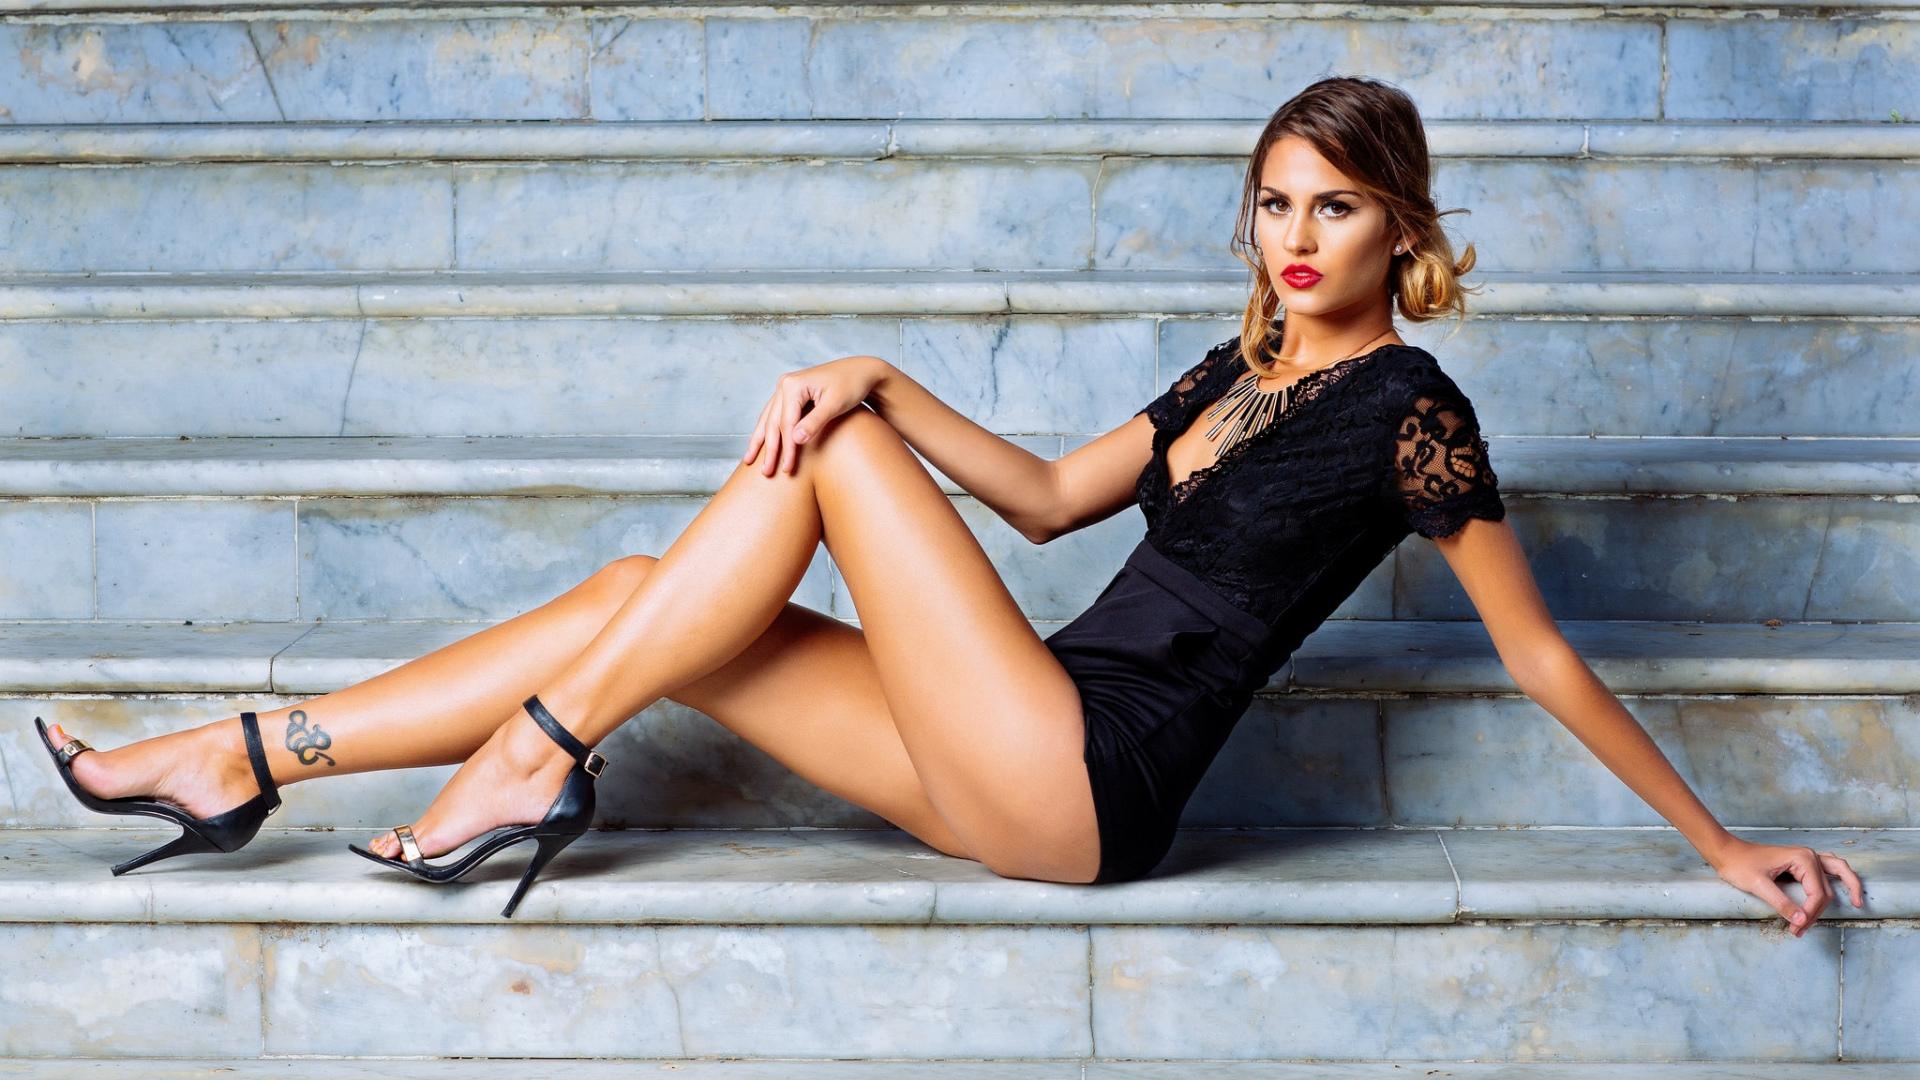 фото русских девушек в босоножках красотка